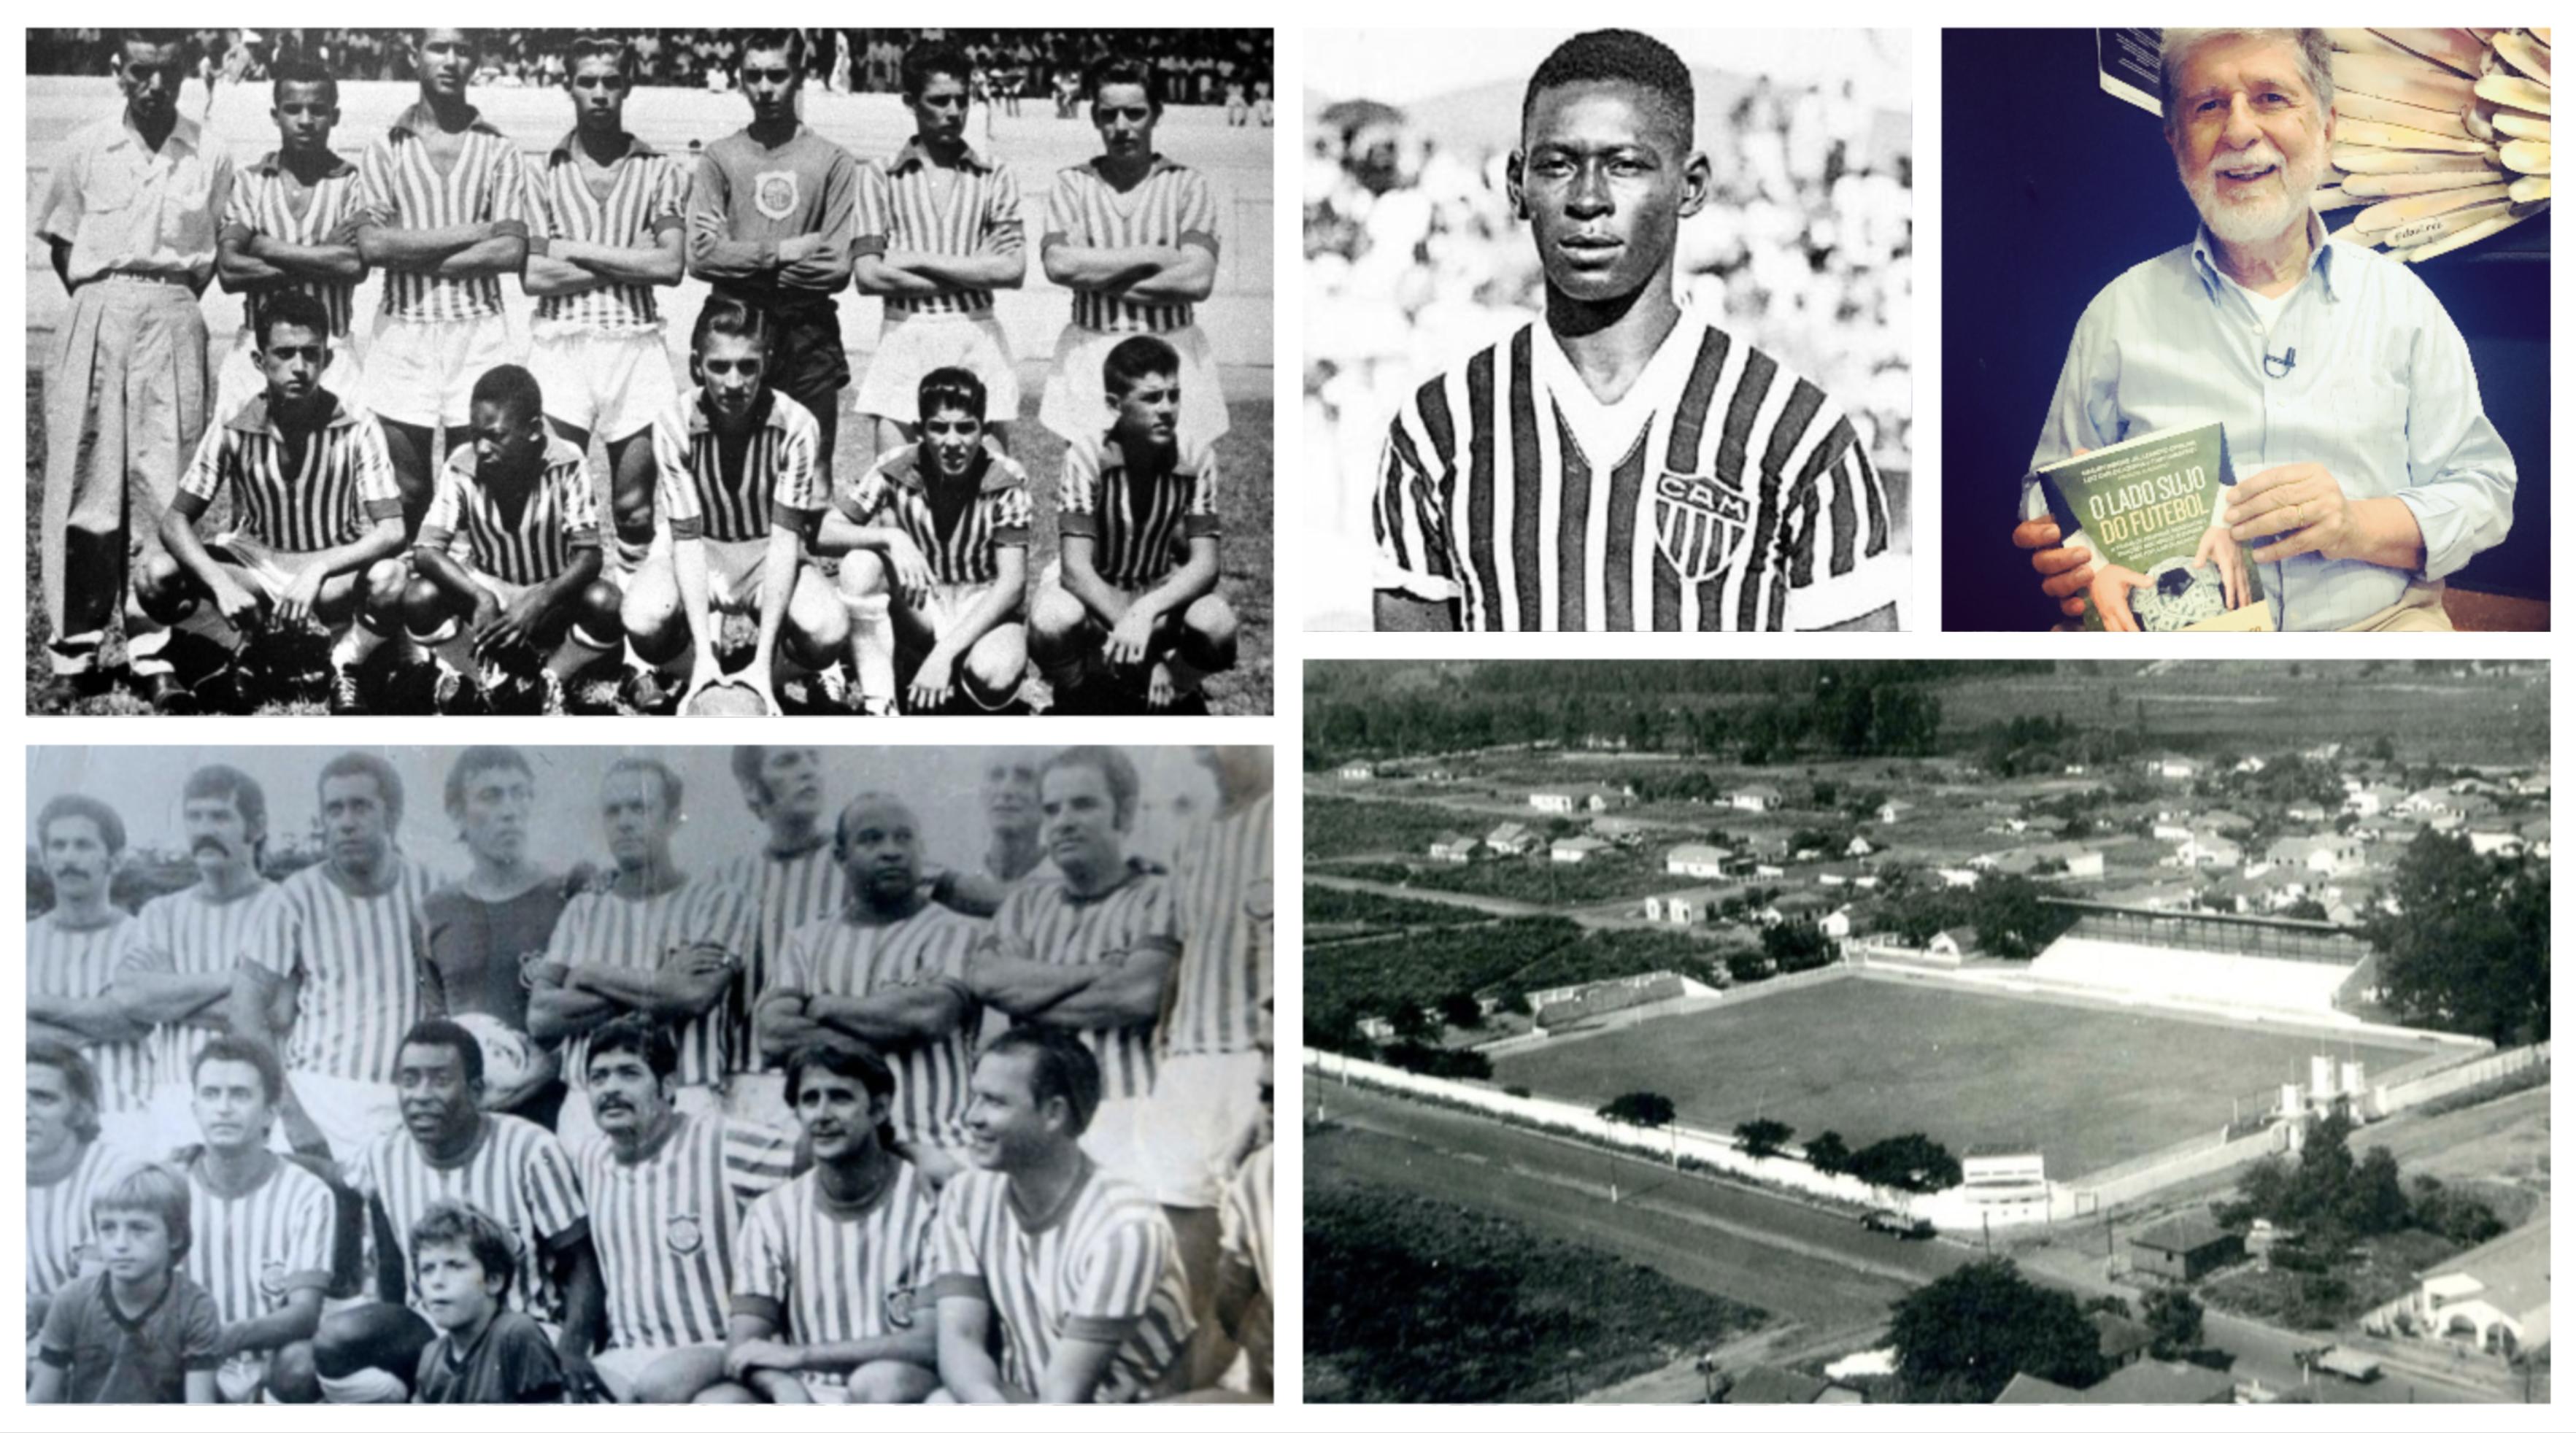 Flamengo, Santos, Noroeste e Luzitana: as memórias futebolísticas do chanceler Celso Amorim